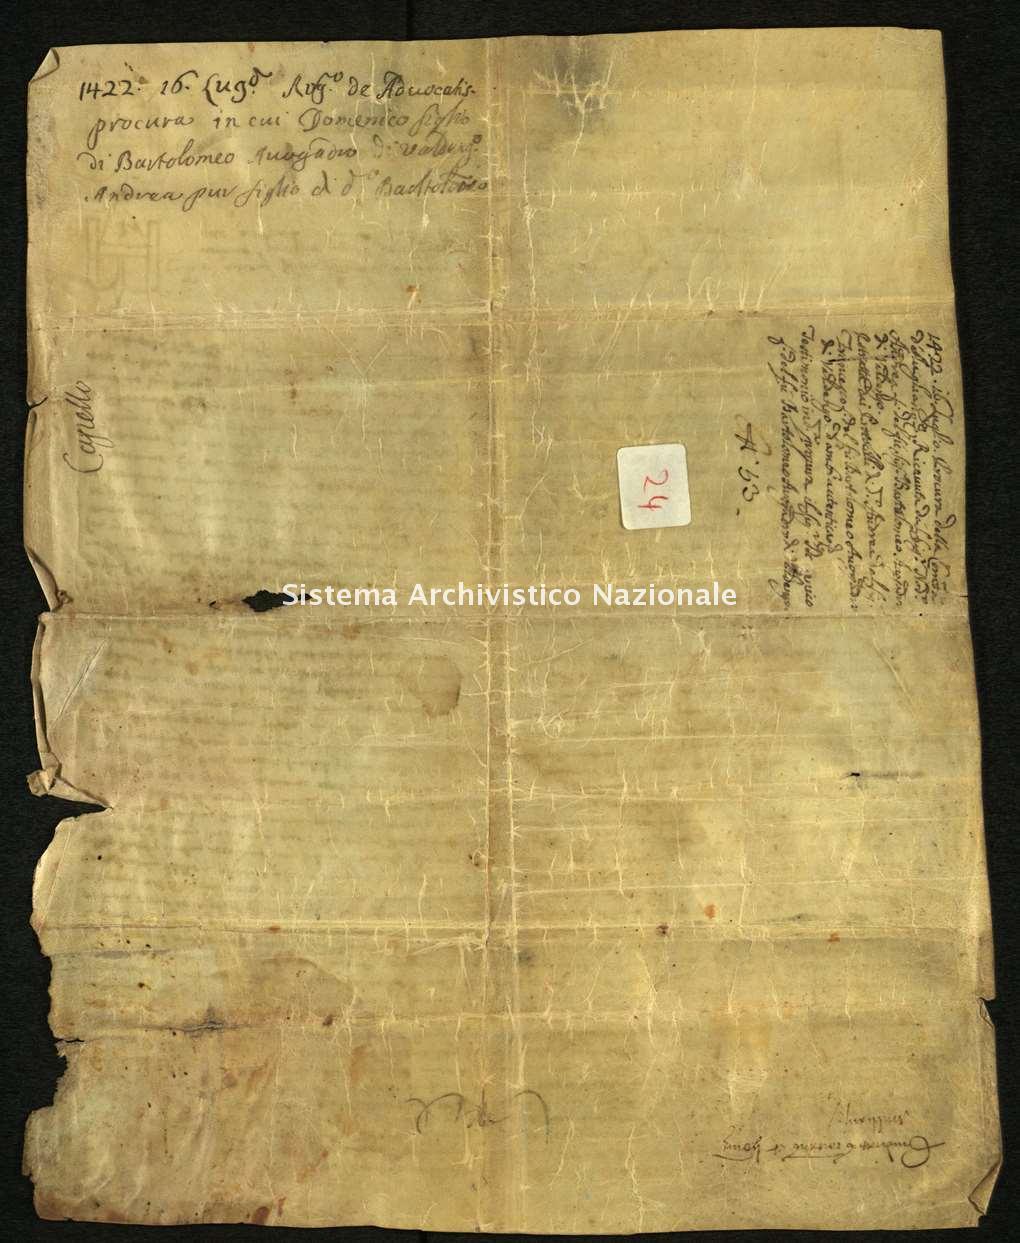 Archivio di Stato di Biella, Avogadro di Valdengo, Pergamene, Pergamene I, Vigliano, 16 luglio 1422